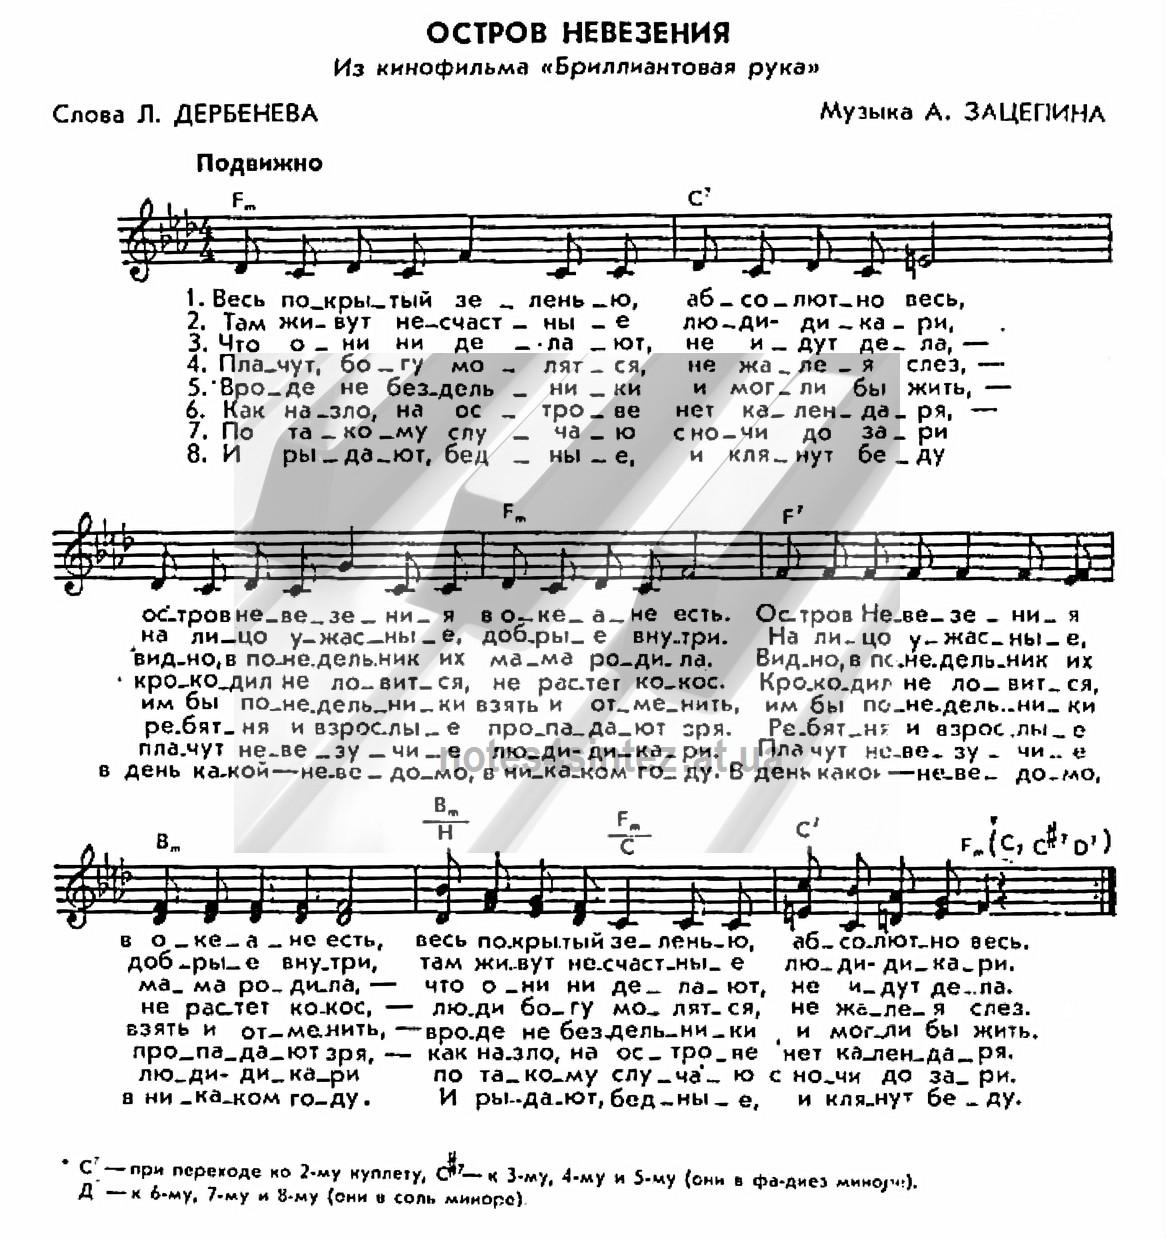 МИНУС ПЕСНИ ОСТРОВ НЕВЕЗЕНИЯ СКАЧАТЬ БЕСПЛАТНО